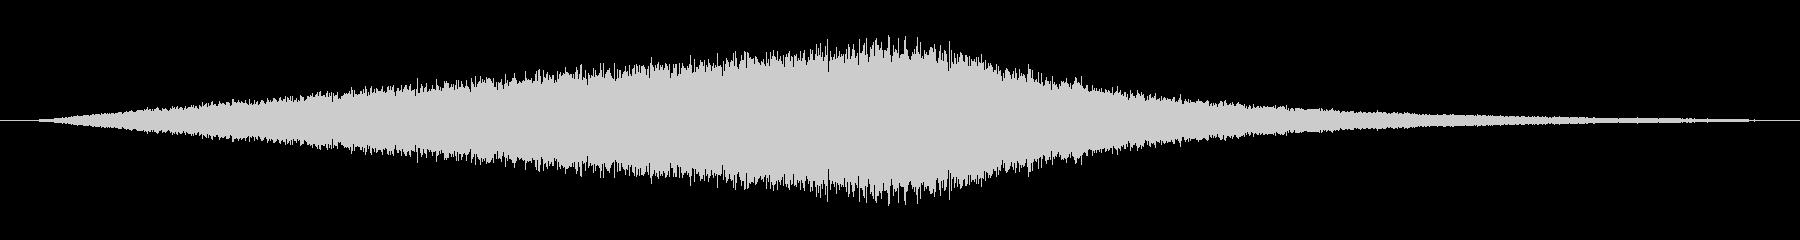 掃除機の吸い込み音の未再生の波形